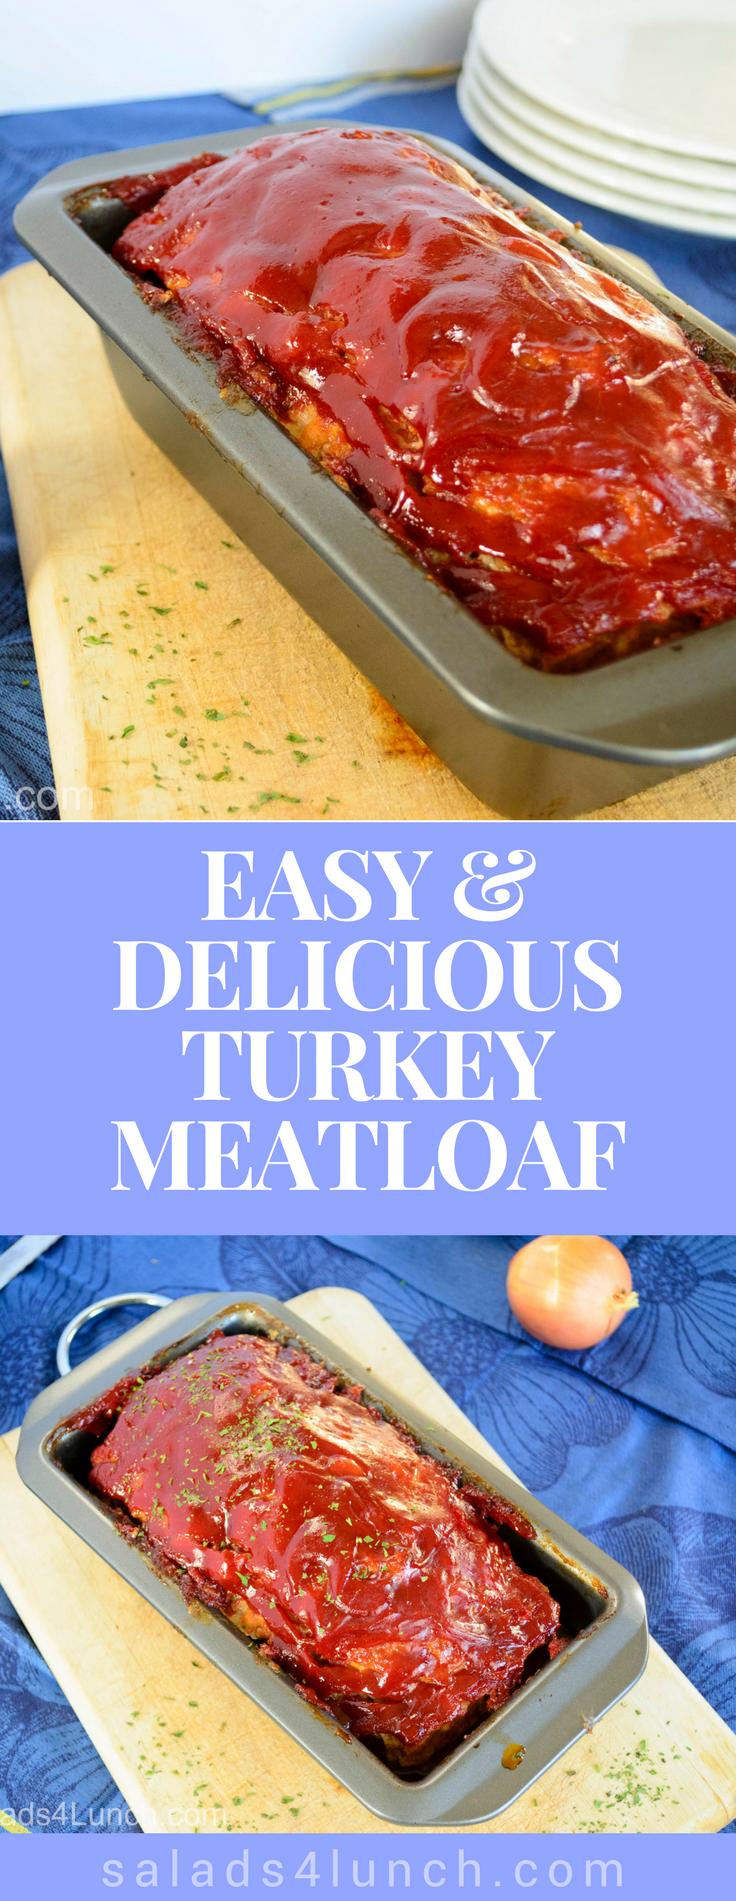 Turkey Meatloaf image for Pinterest